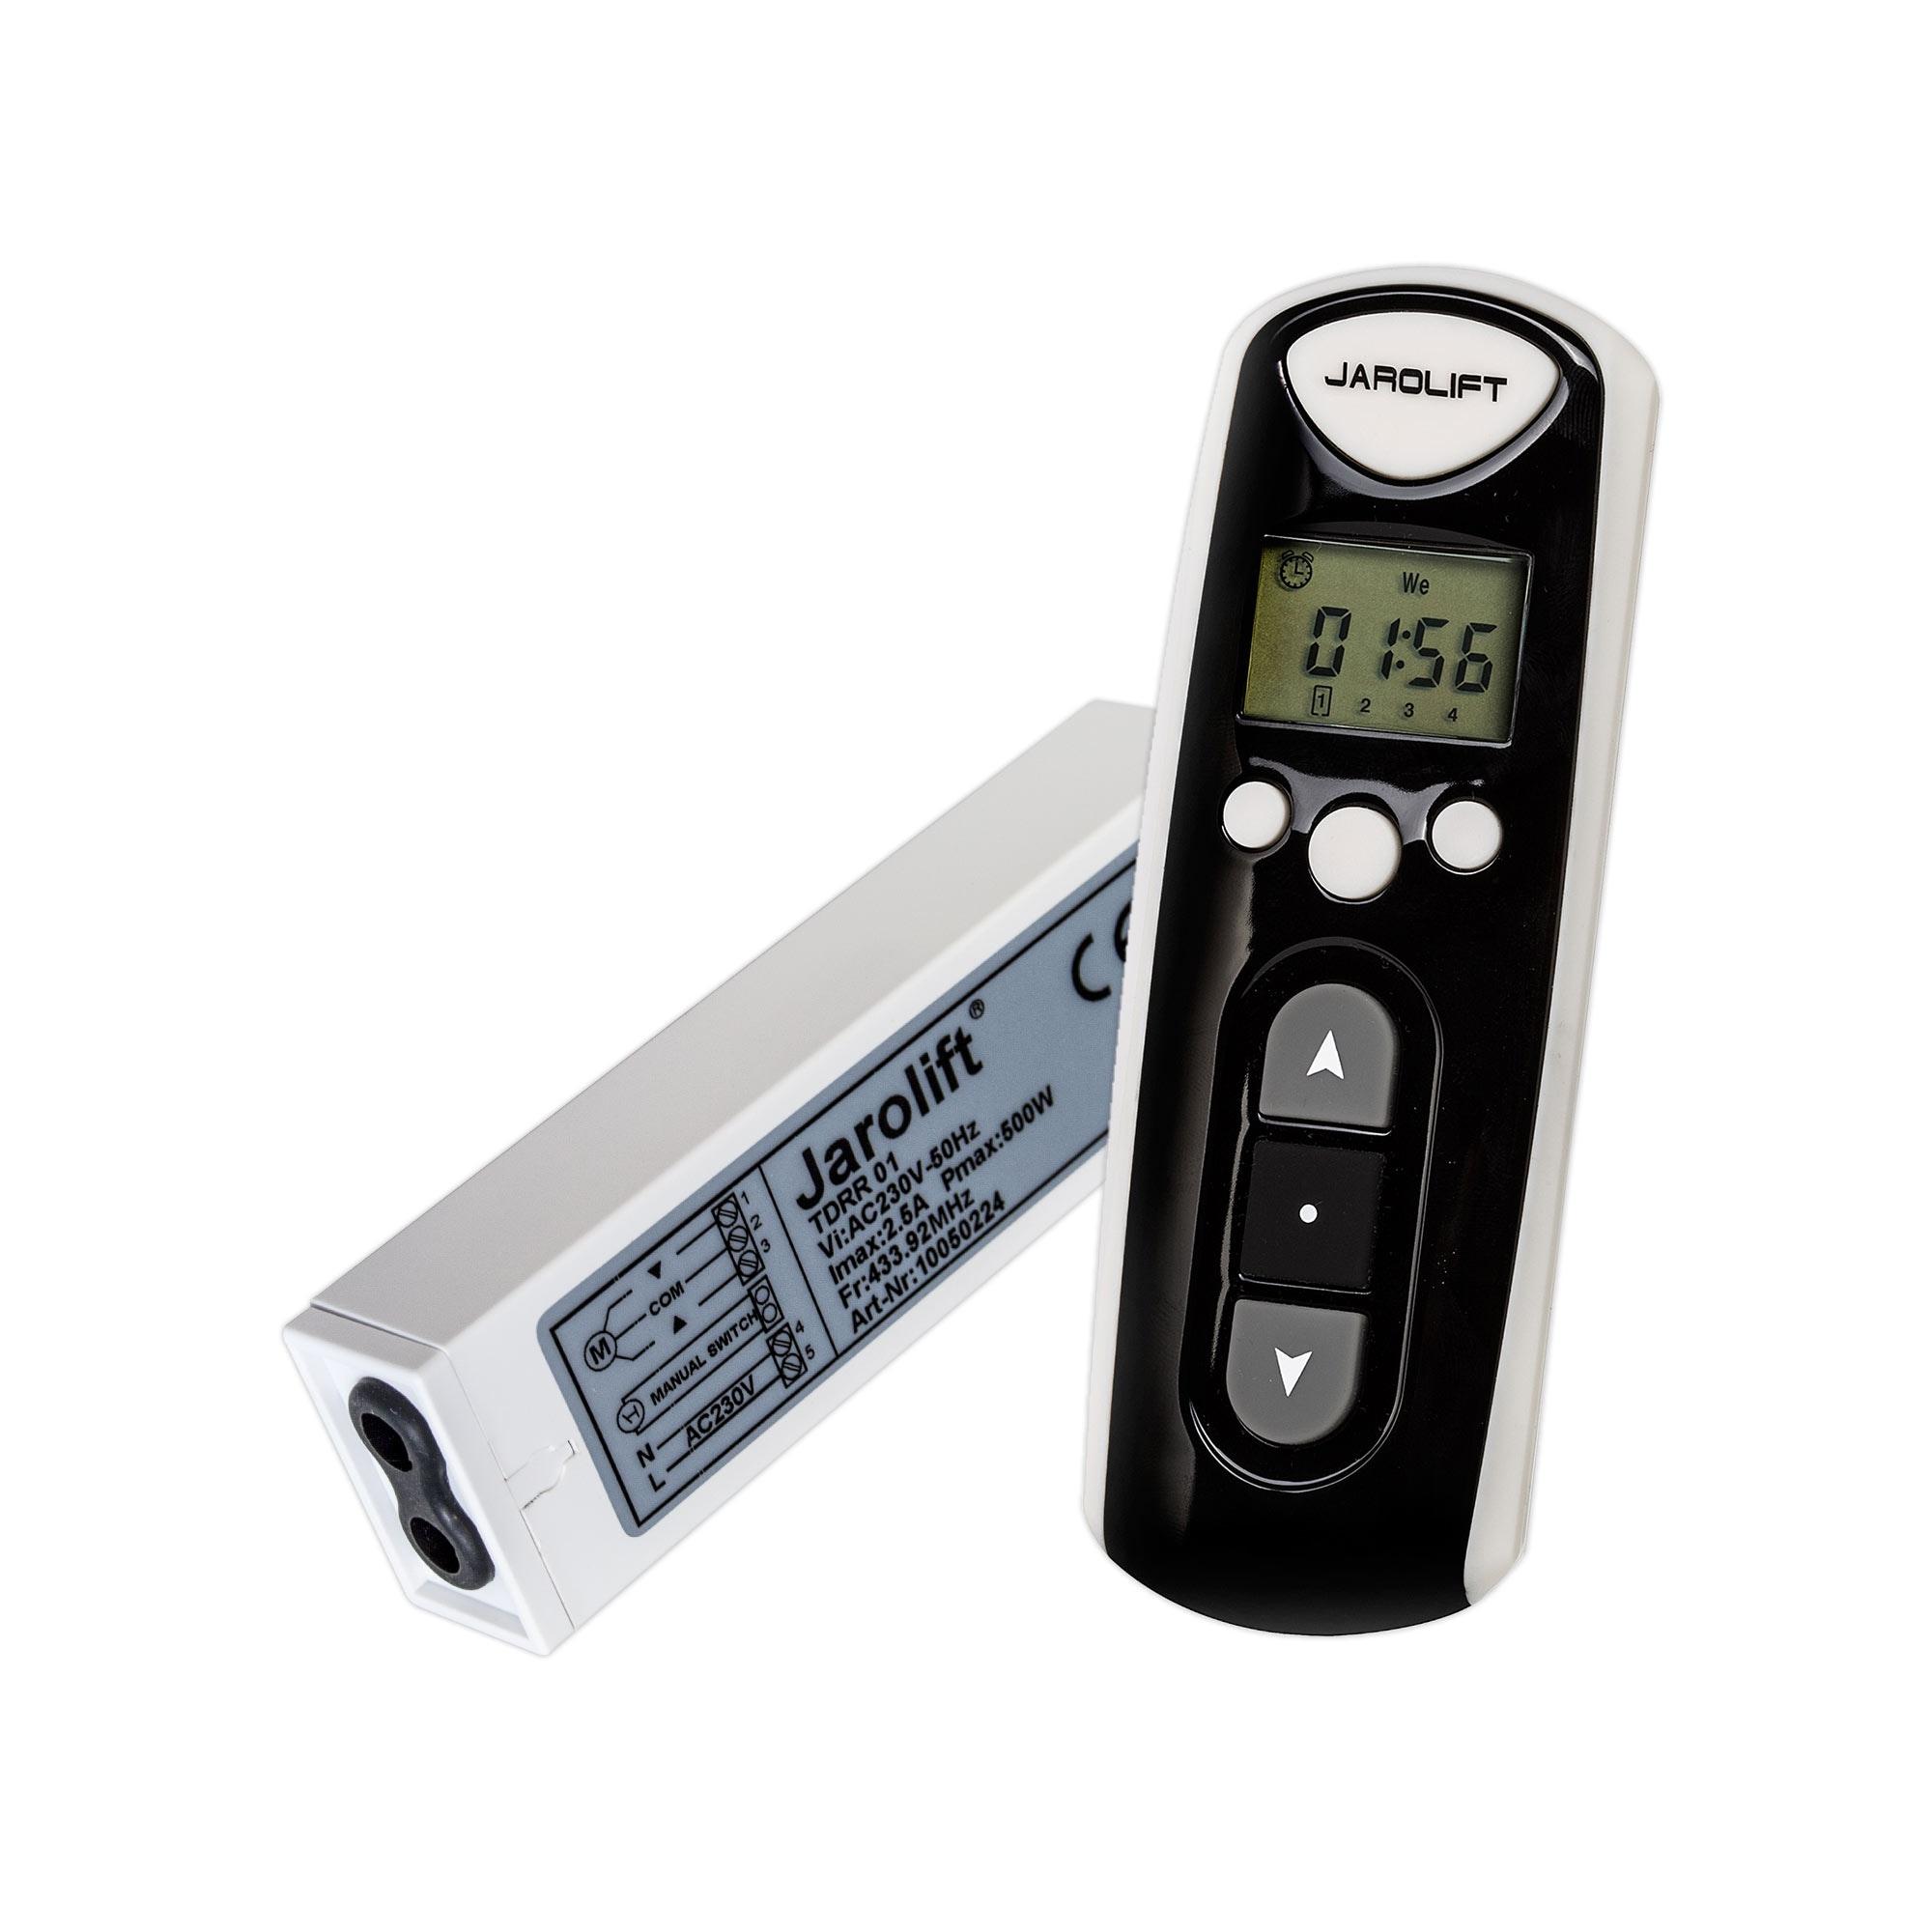 20000315 Wunderbar Wie Funktioniert Eine Mechanische Zeitschaltuhr Dekorationen